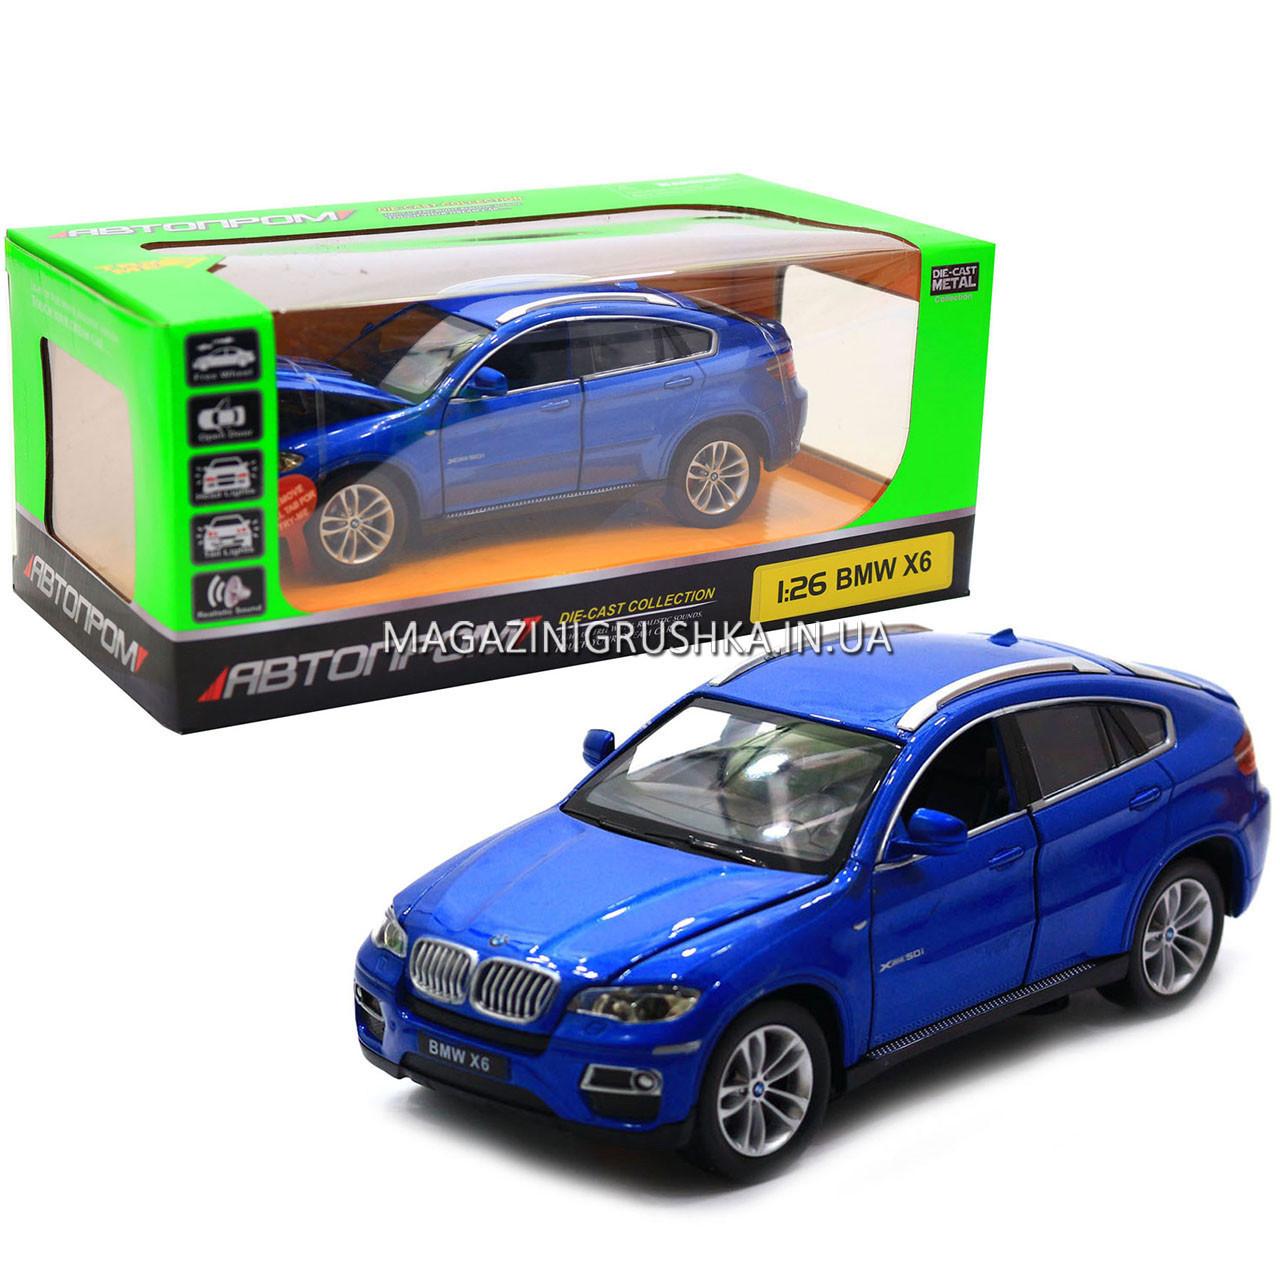 Машинка ігрова автопром «BMW X6» джип, метал, 18 см, чорний, світло, звук, двері відкриваються (7860)